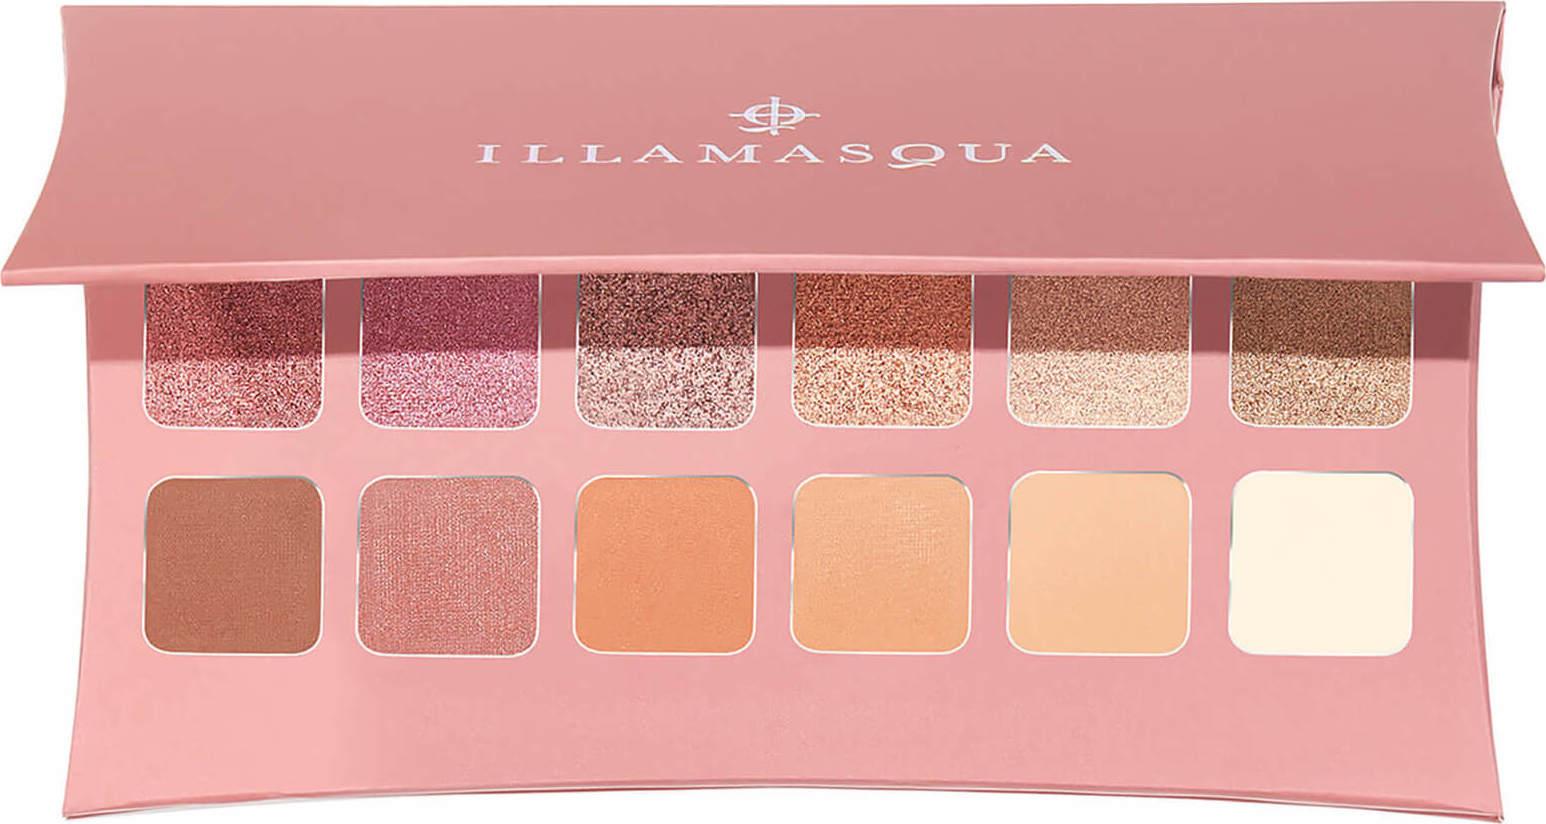 Black Friday Beauty Sales: Illamasqua